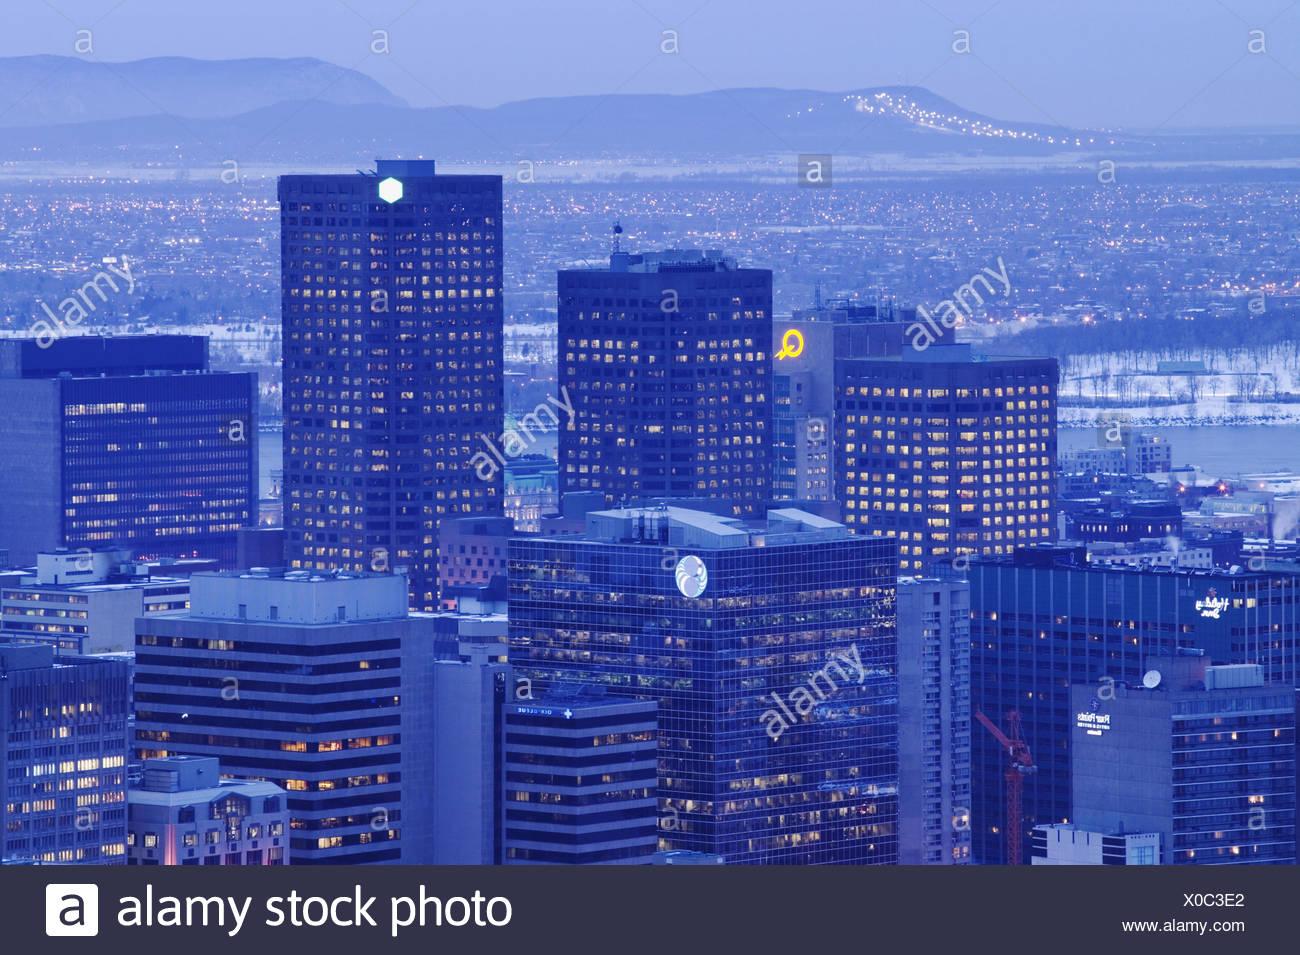 Kanada, Quebec, Montreal, Downtown, Stadtansicht, Dämmerung, Winter  Nordamerika, Canada, Hochhäuser, Wolkenkratzer, Bürogebäude, Bürohochhäuser, Urbanität, Stadtbild, winterlich, Jahreszeit, Abend - Stock Image